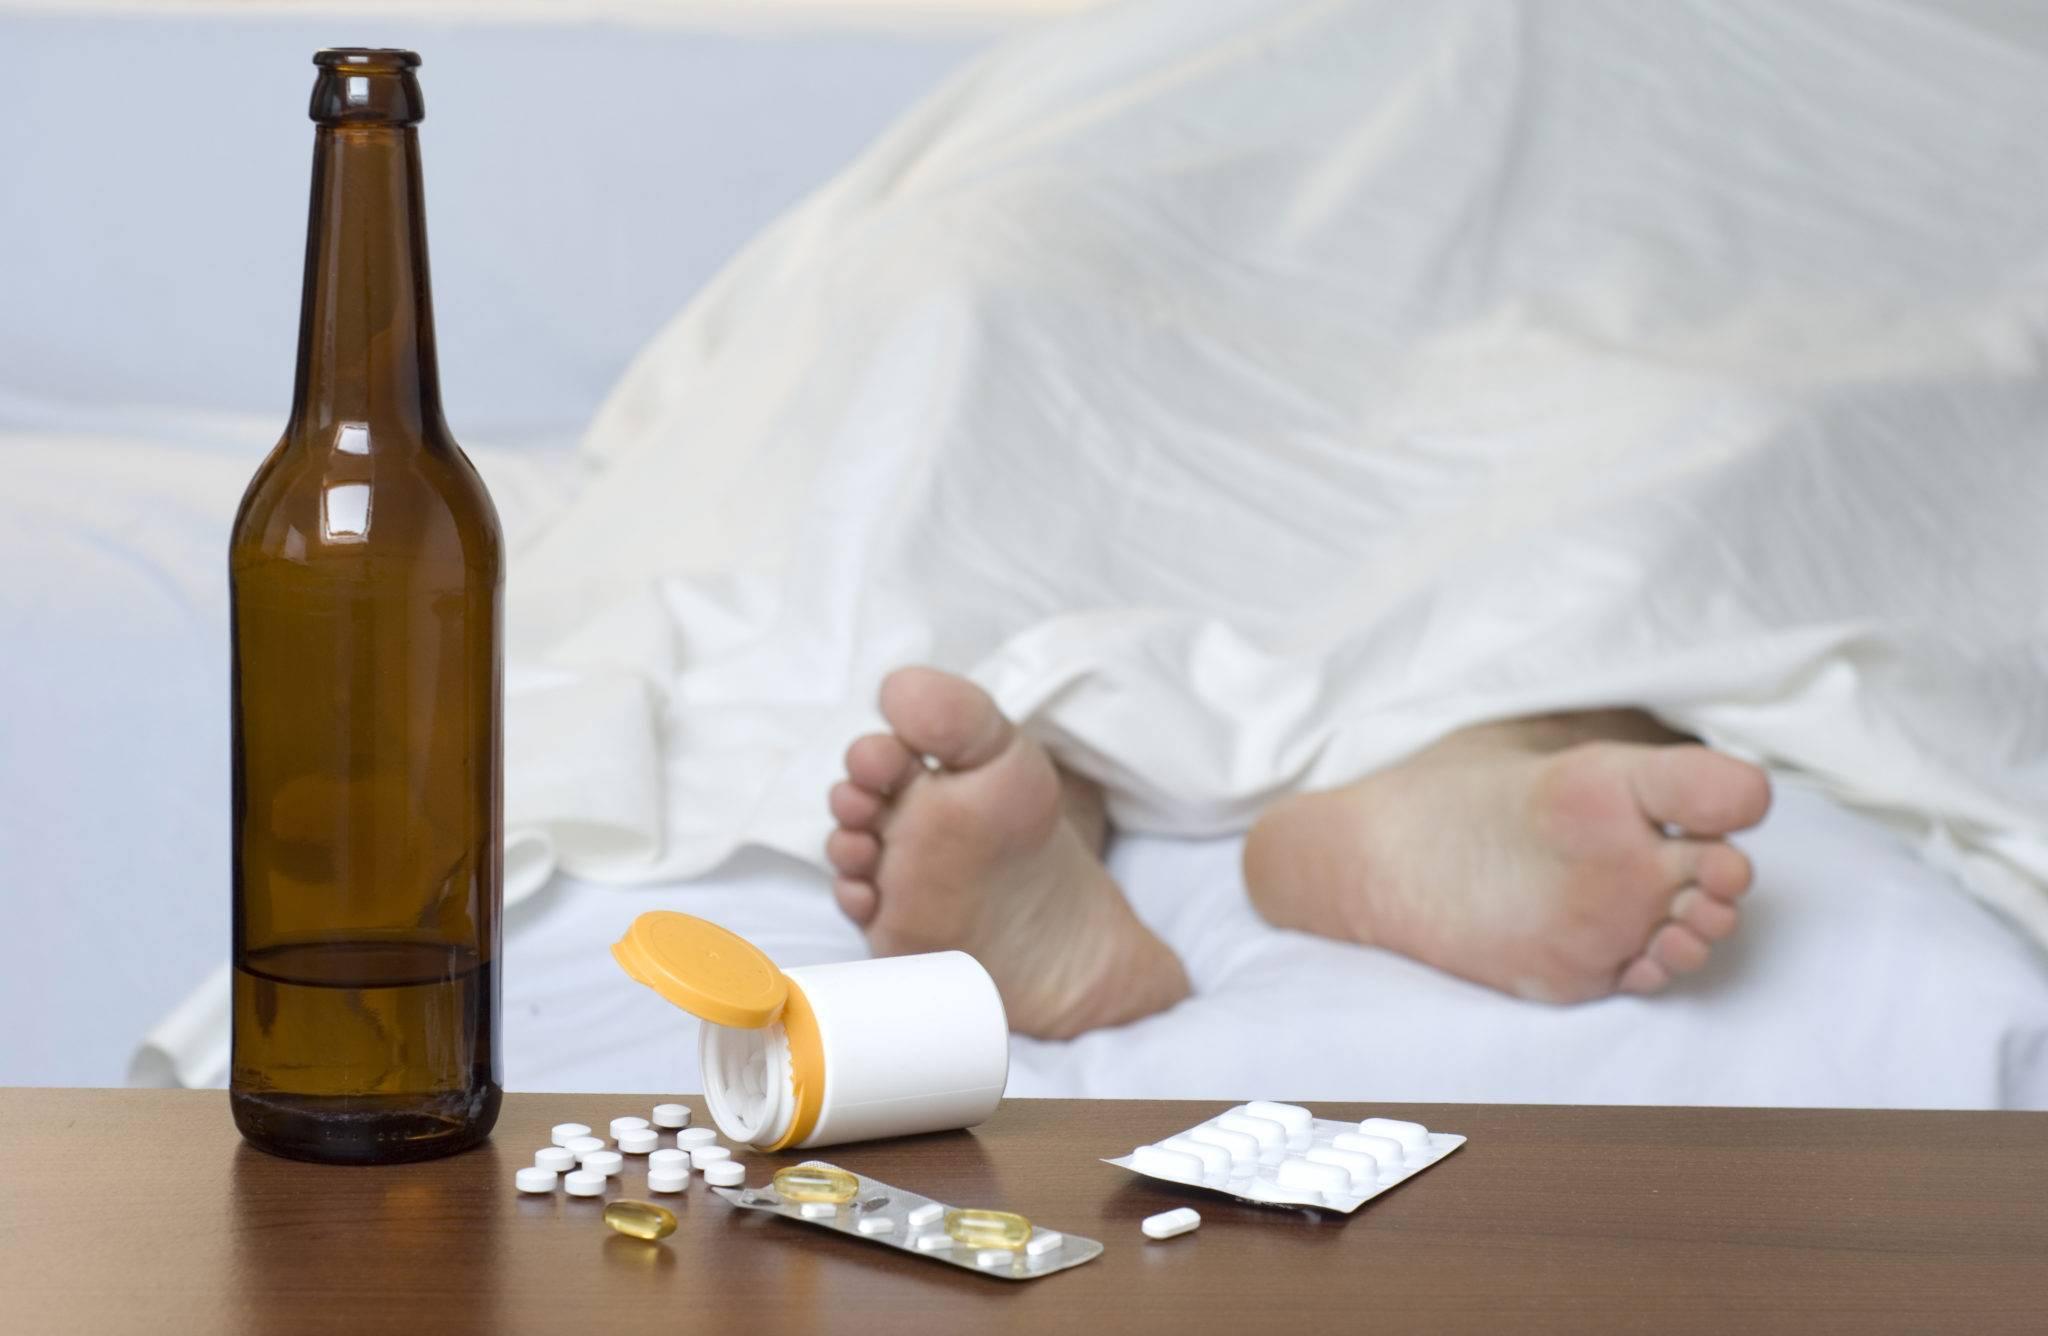 Что есть с похмелья: что лучше пить и кушать после пьянки